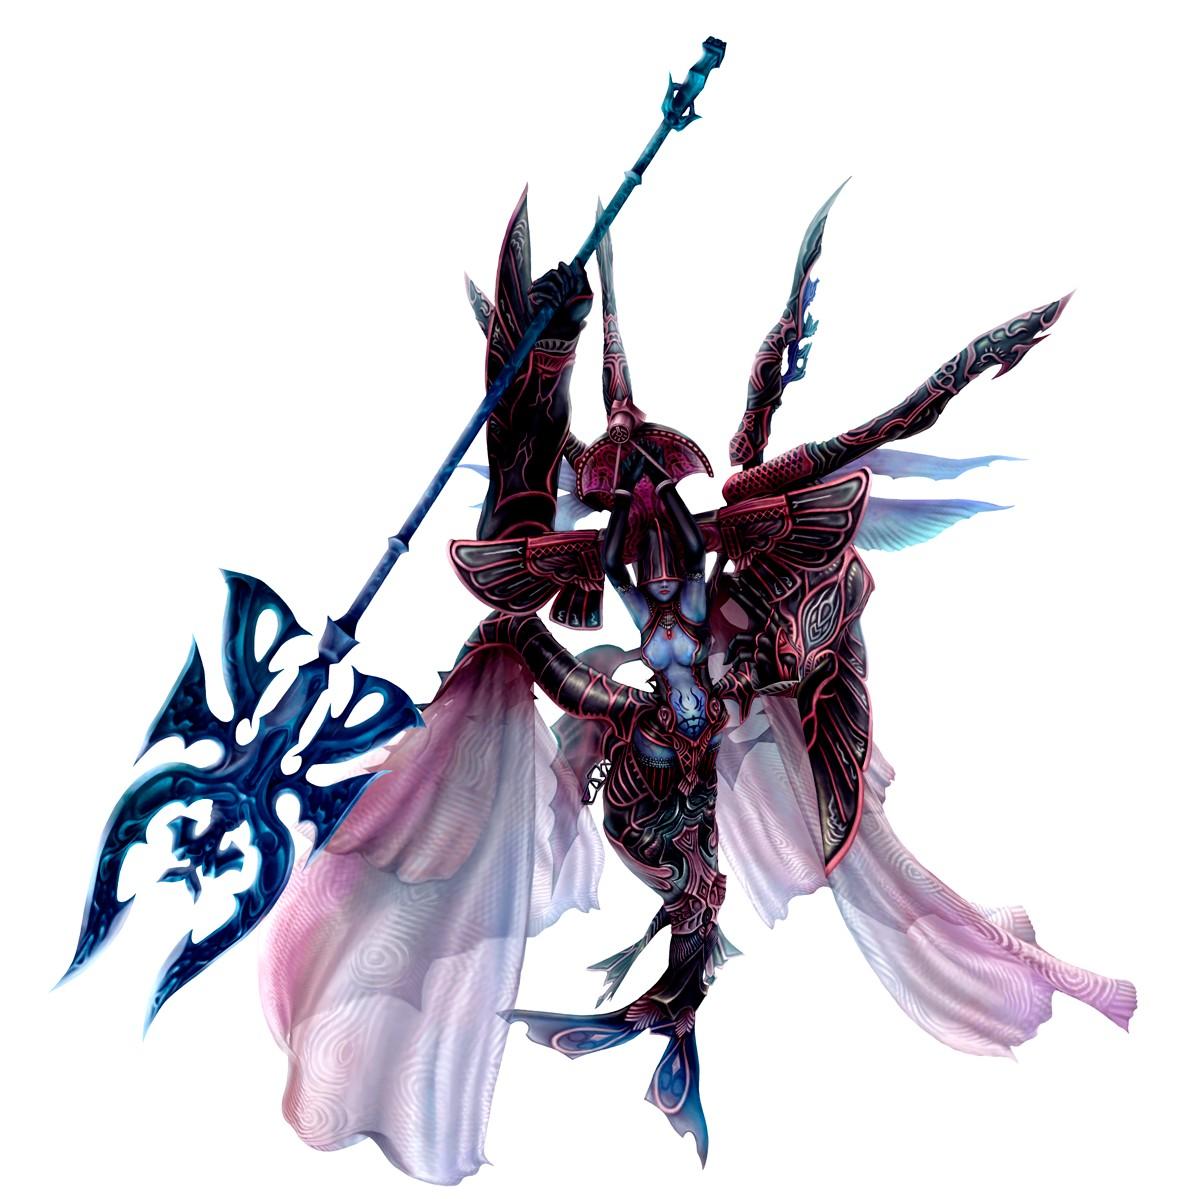 Lov, klany a nepřátelé z Final Fantasy XII: The Zodiac Age na screenshotech 146284